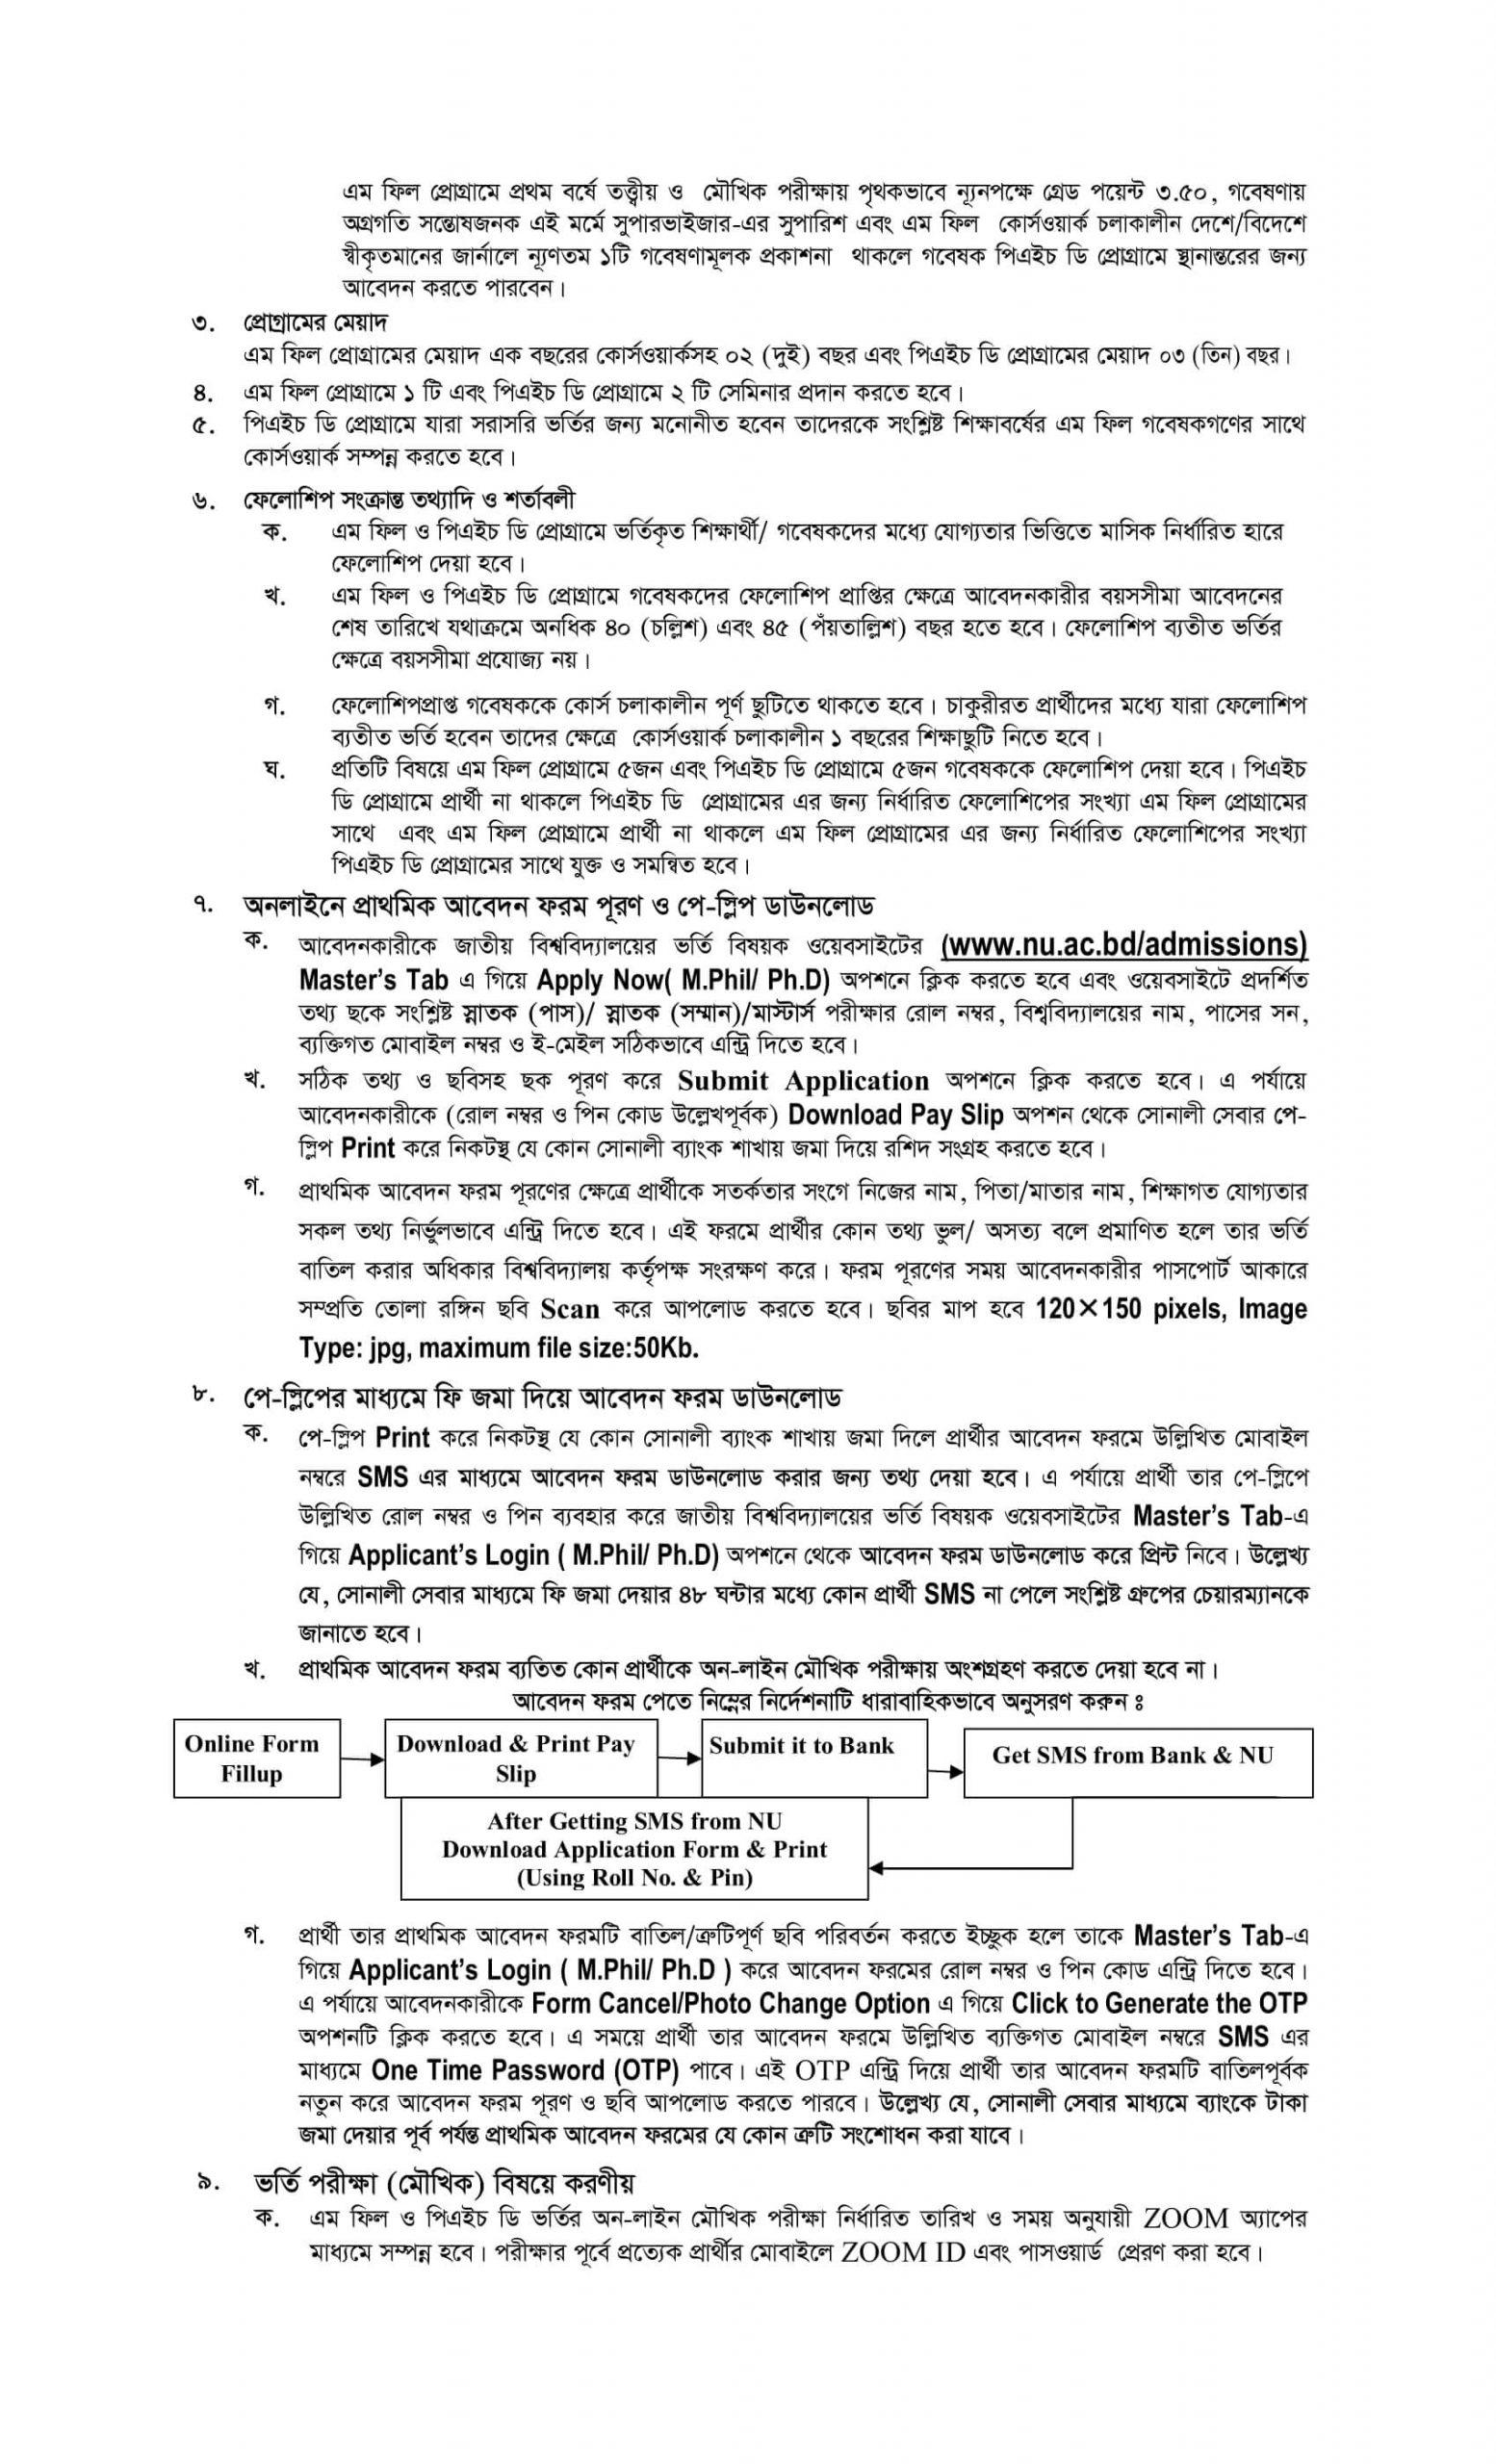 NU PHD Admission 2020